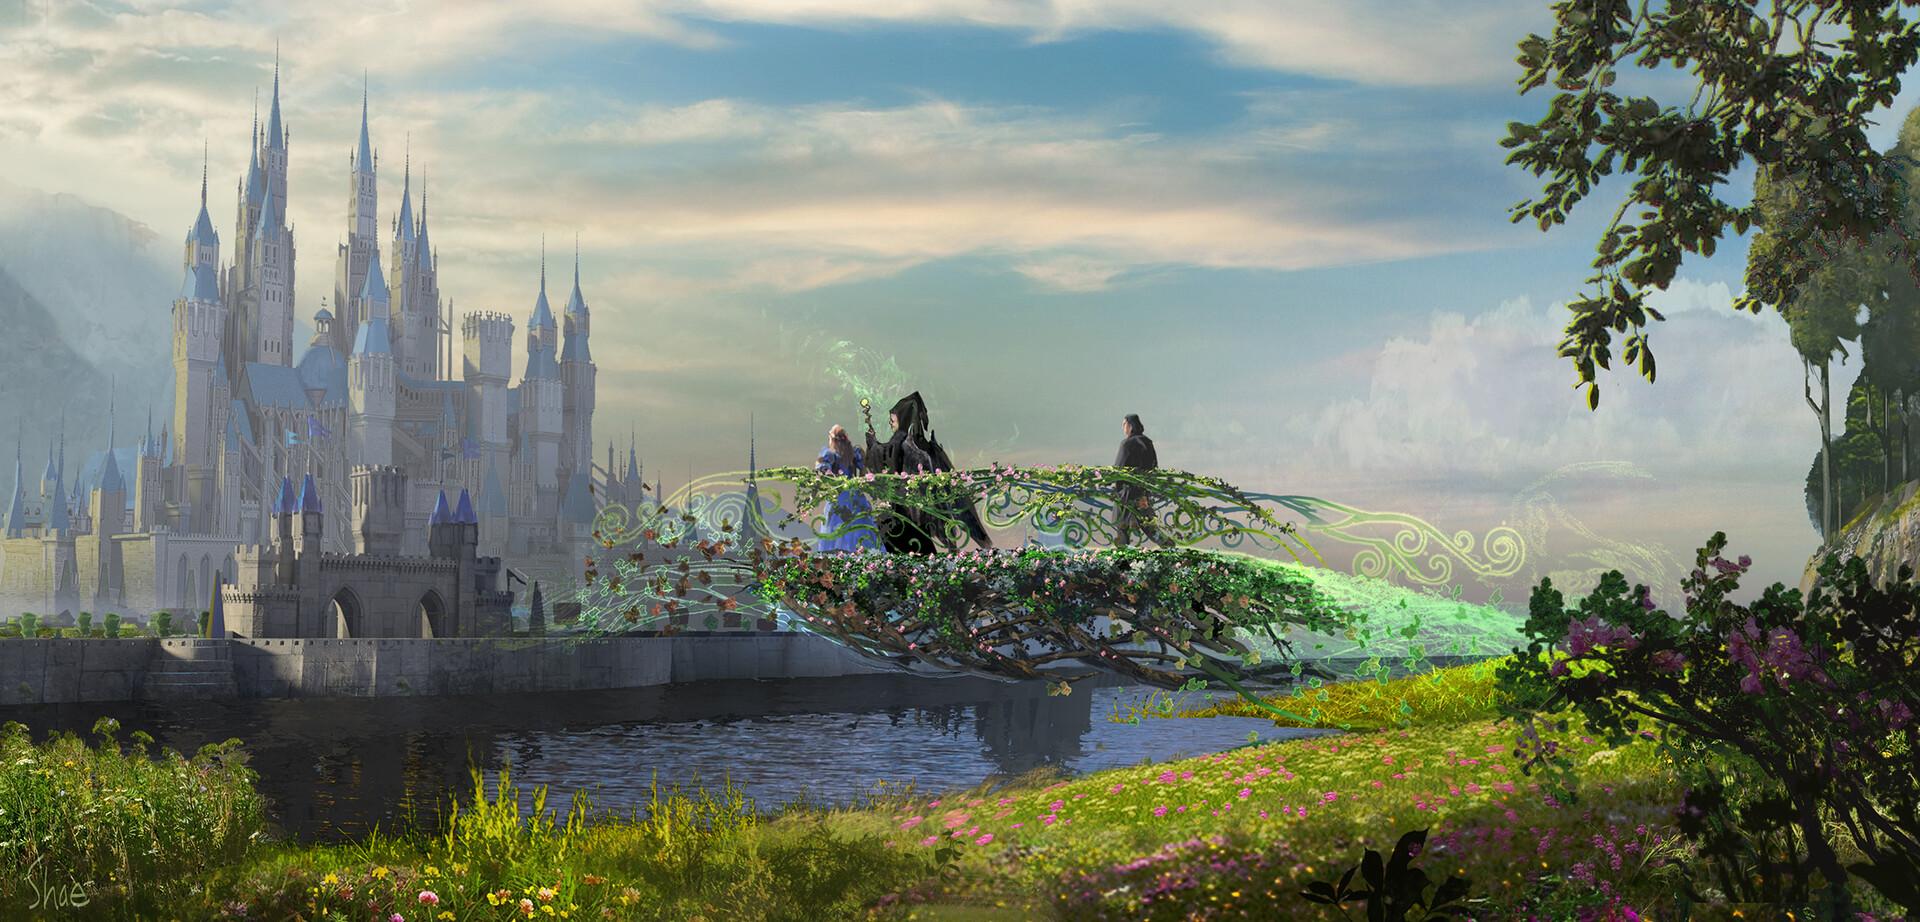 Maléfique : Le Pouvoir du Mal [Disney - 2019] - Page 13 Shae-shatz-20191108-maleficent2-bridgea-conceptartshaeshatz